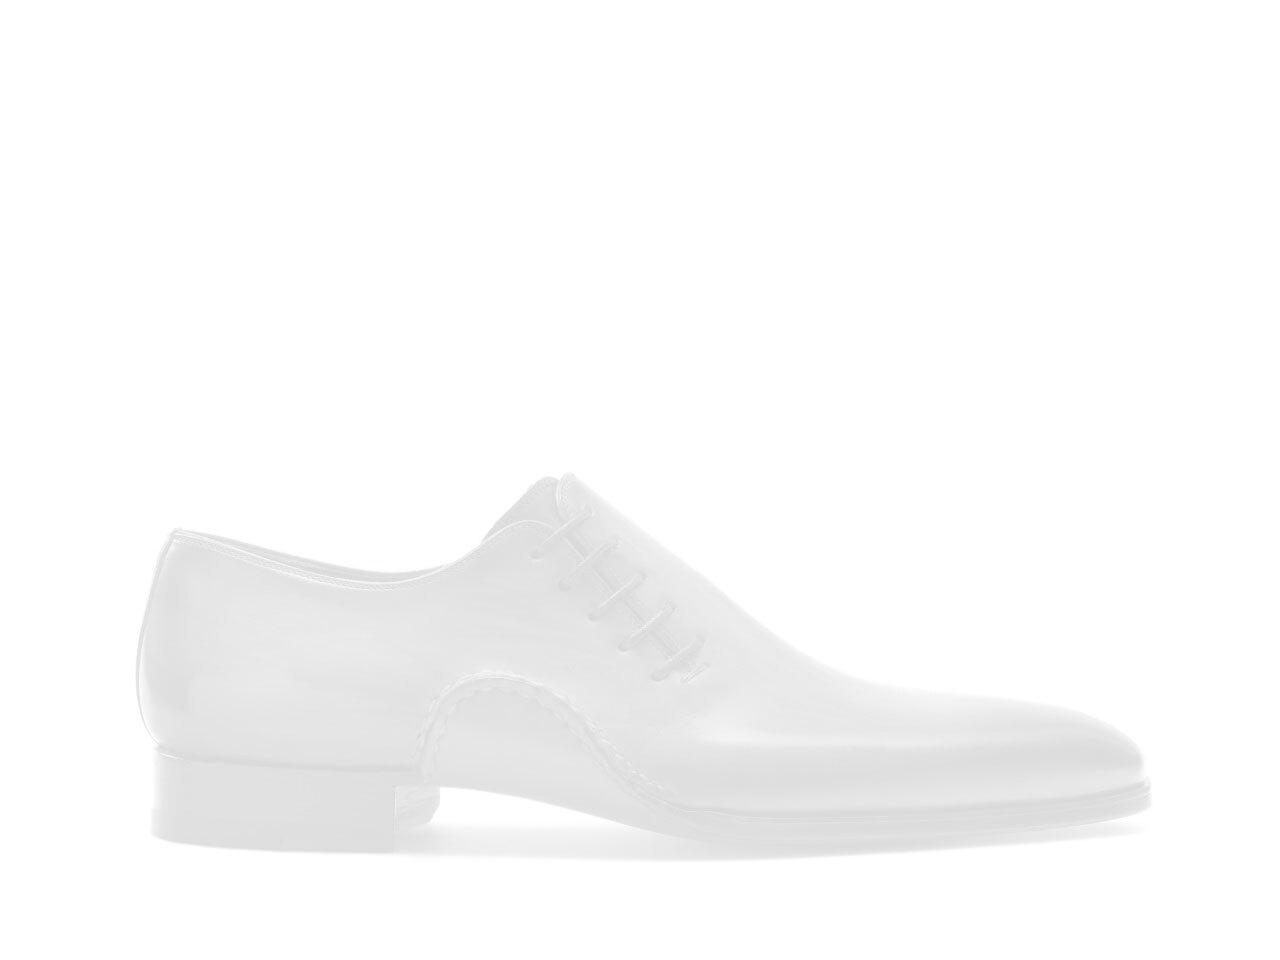 Sole of the Magnanni Saffron Black Men's Oxford Shoes